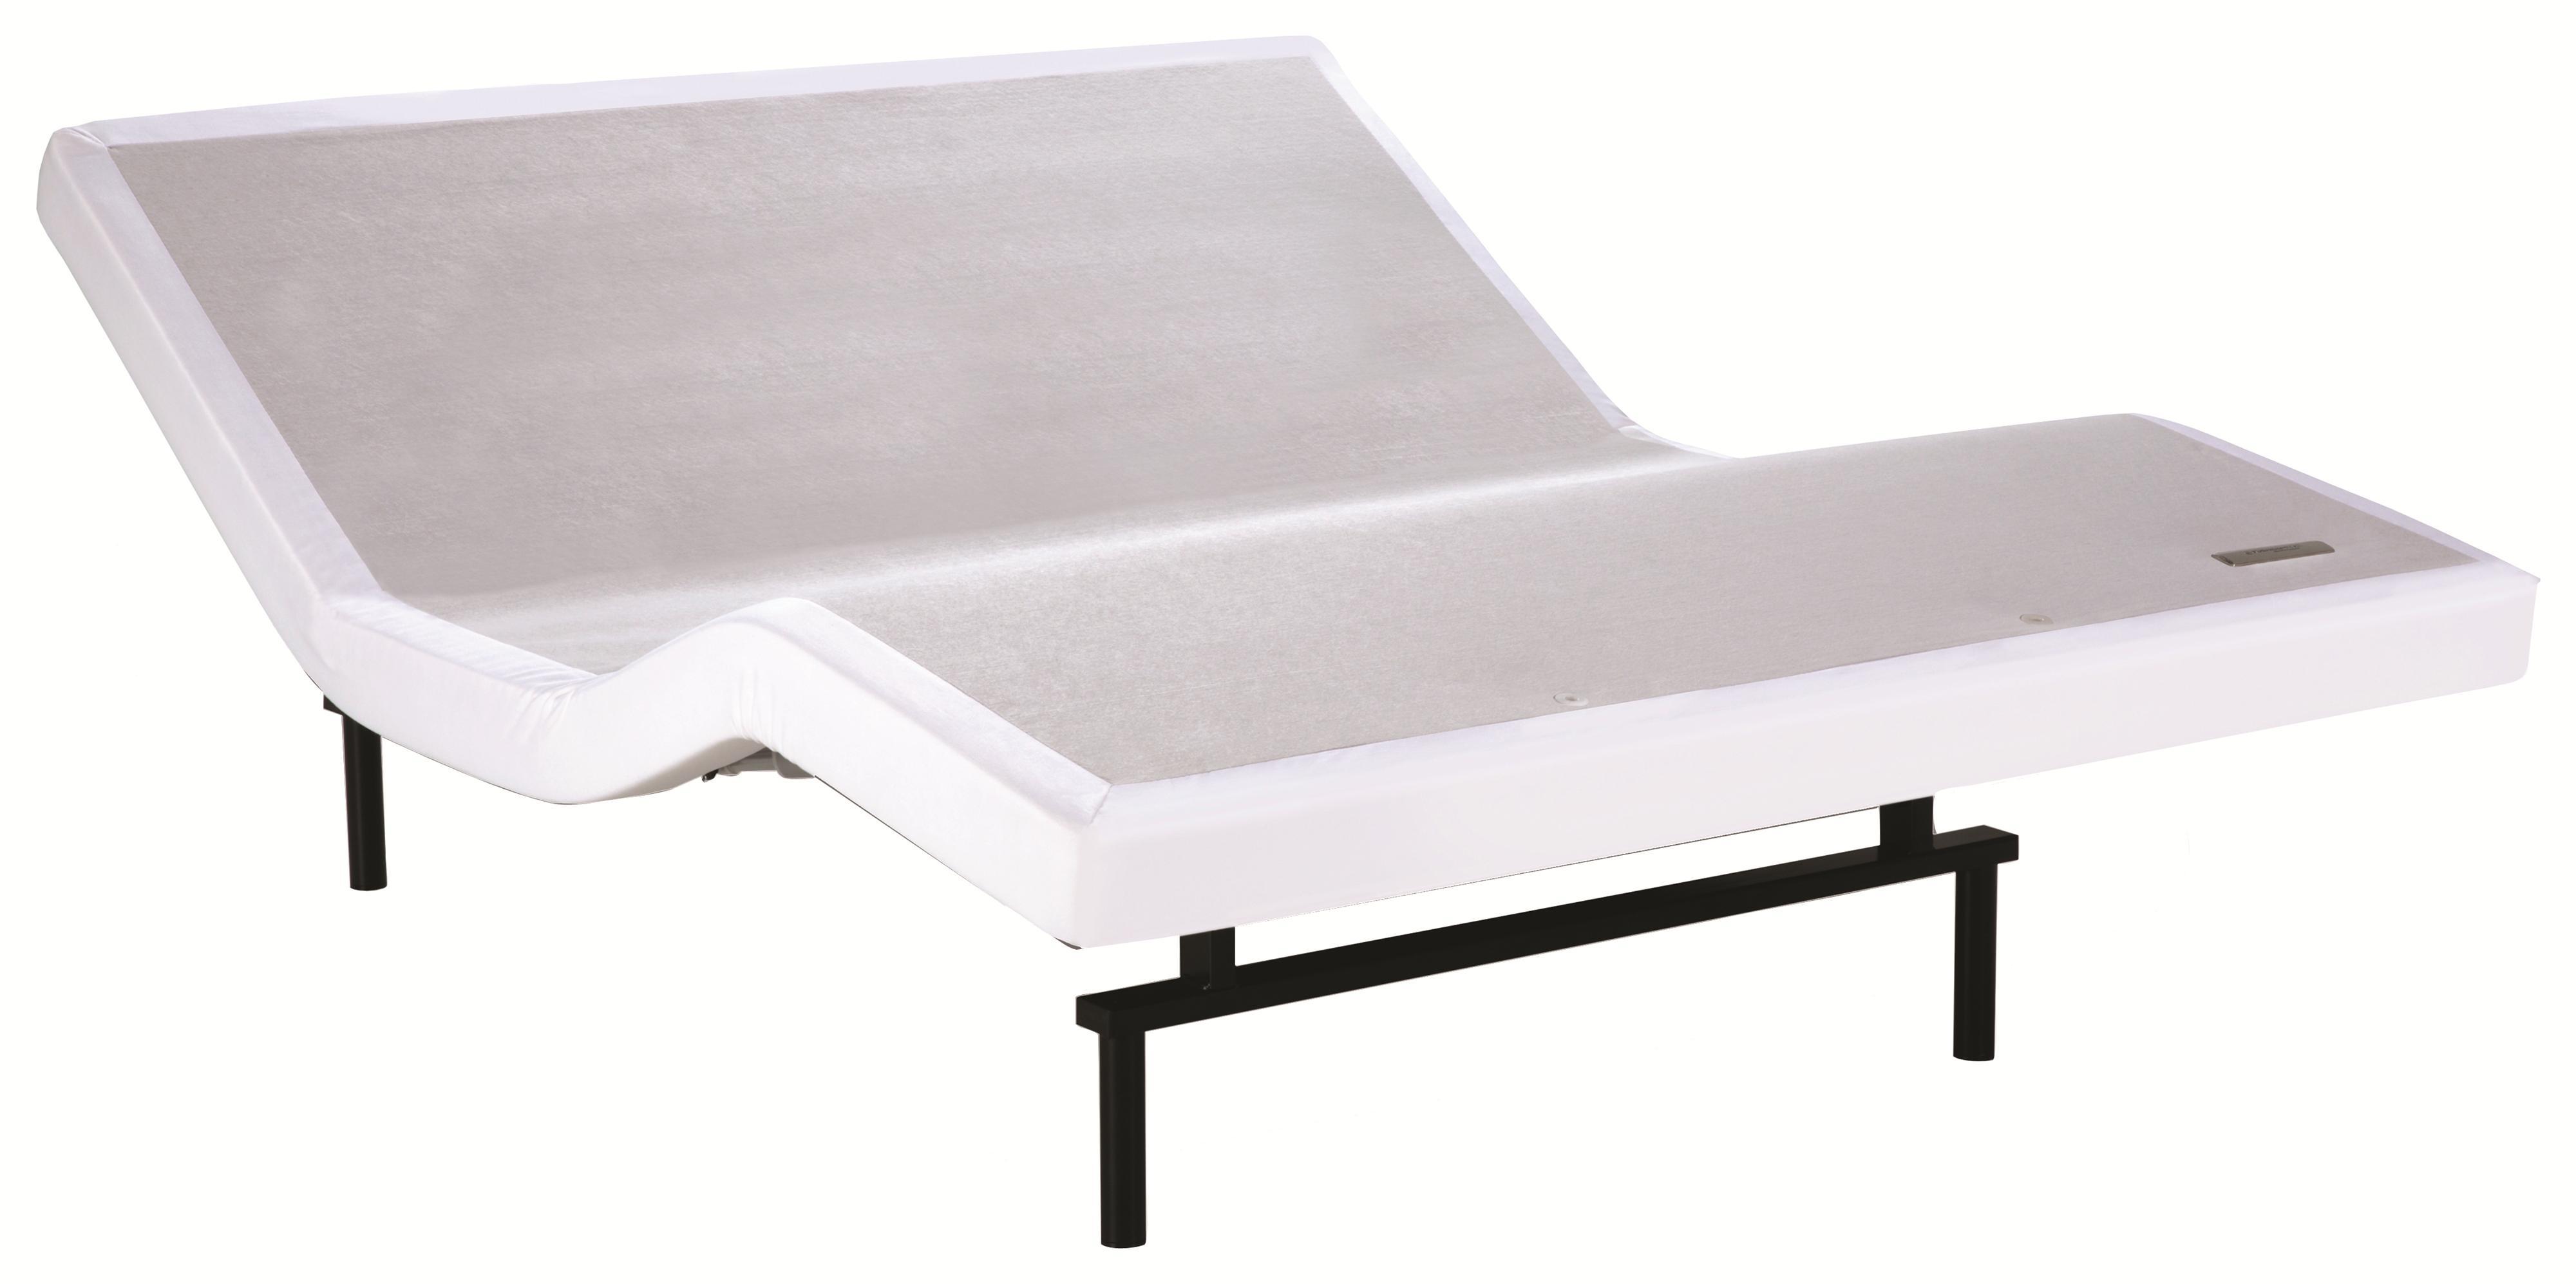 Serta Serta Adjustable Foundations Motion Essentials Adjustable Base - Full - Item Number: 820319F